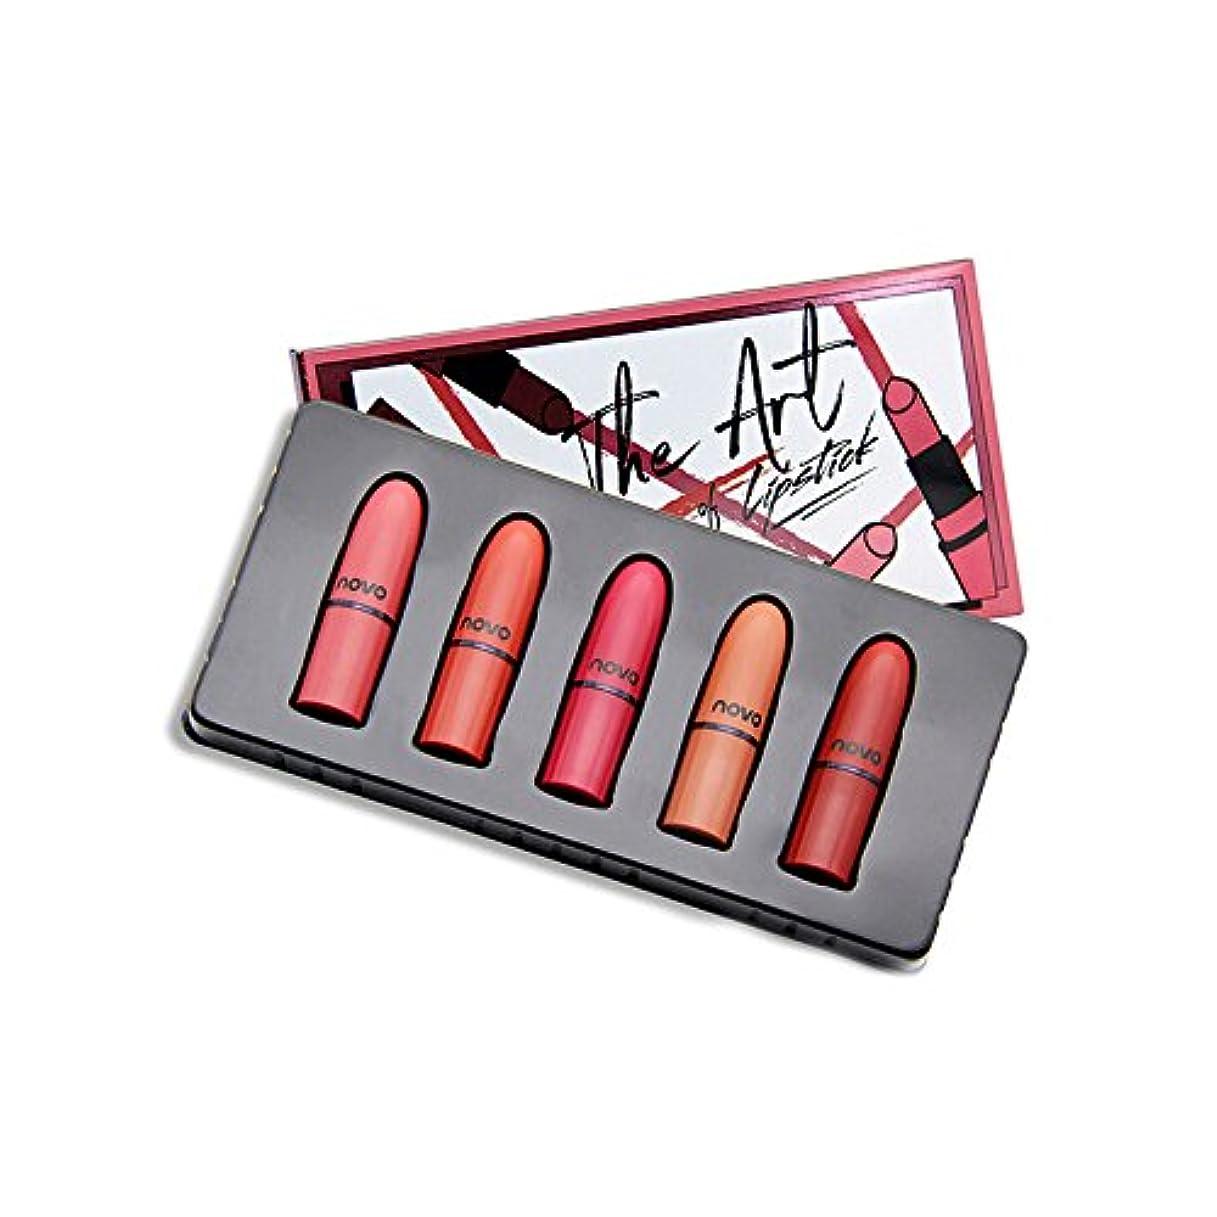 口紅 OD企画 ランキング 人気 赤 おすすめ 落ちない ブランド プレゼント 似合う色 キス オレンジ ピンク リップグロス 安い リップクリーム 20代 エレガンス